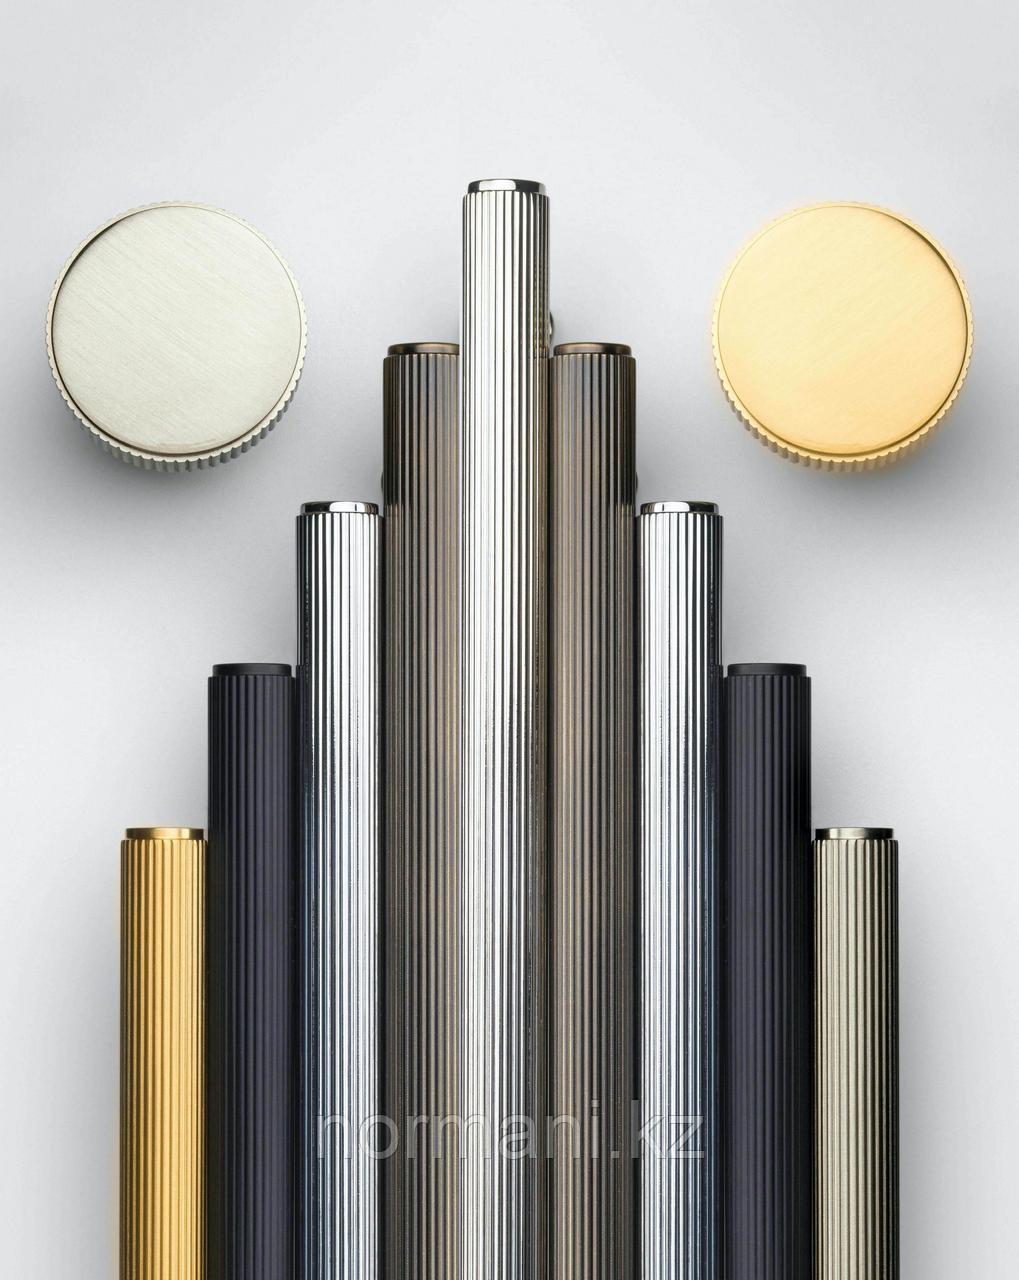 Ручка скоба 192 мм, отделка золото матовое